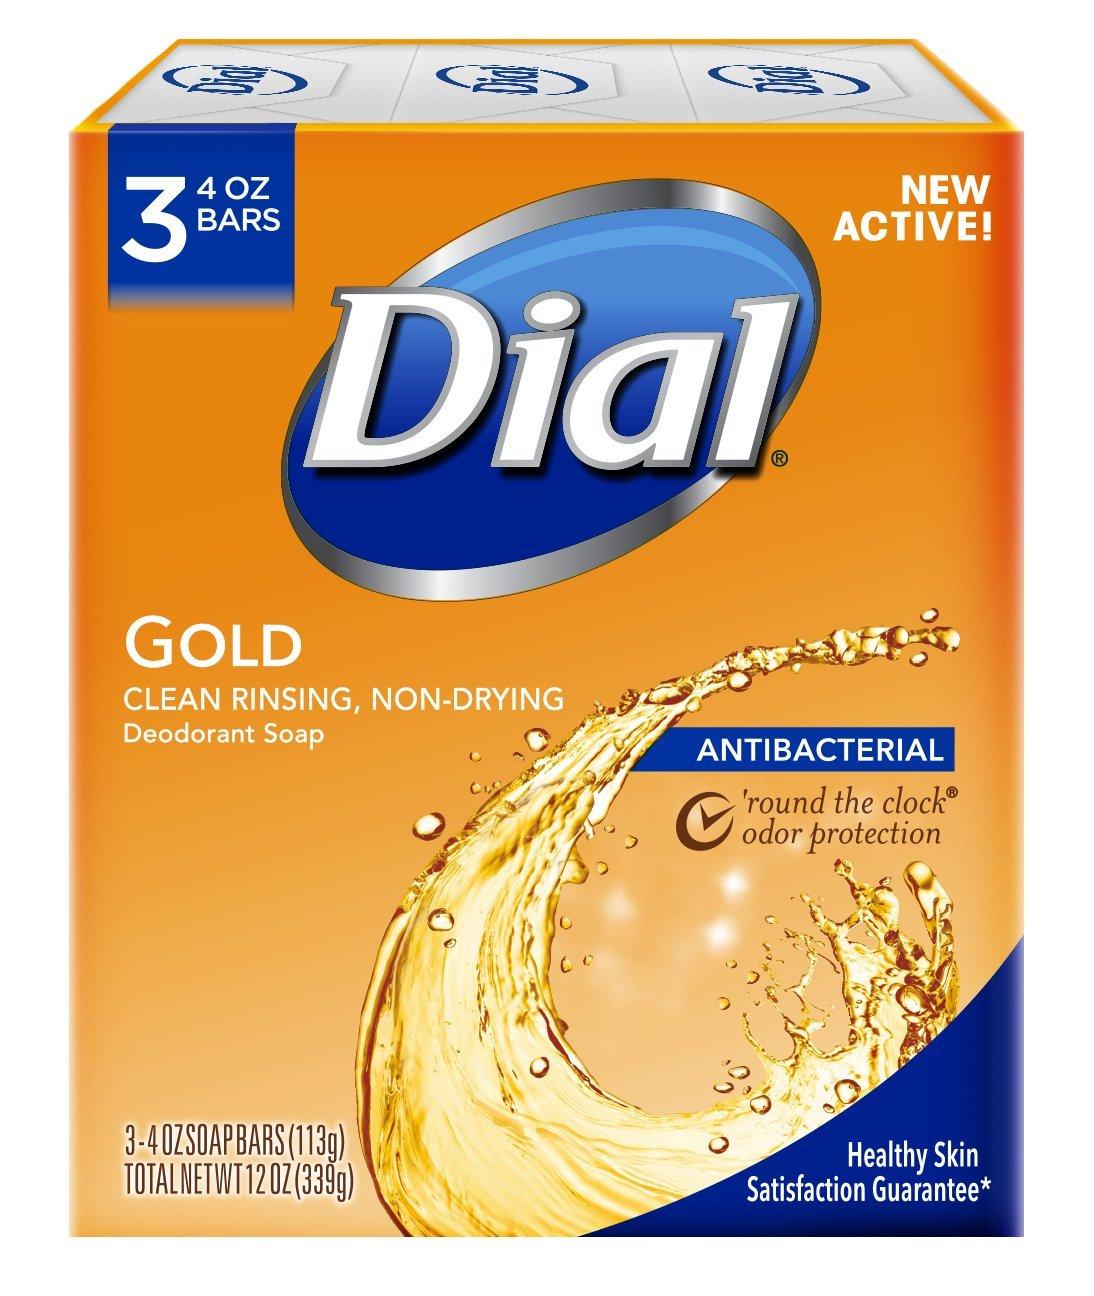 Dial Antibacterial Deodorant Bar Soap, Gold, 4 Ounce, 3 Bars